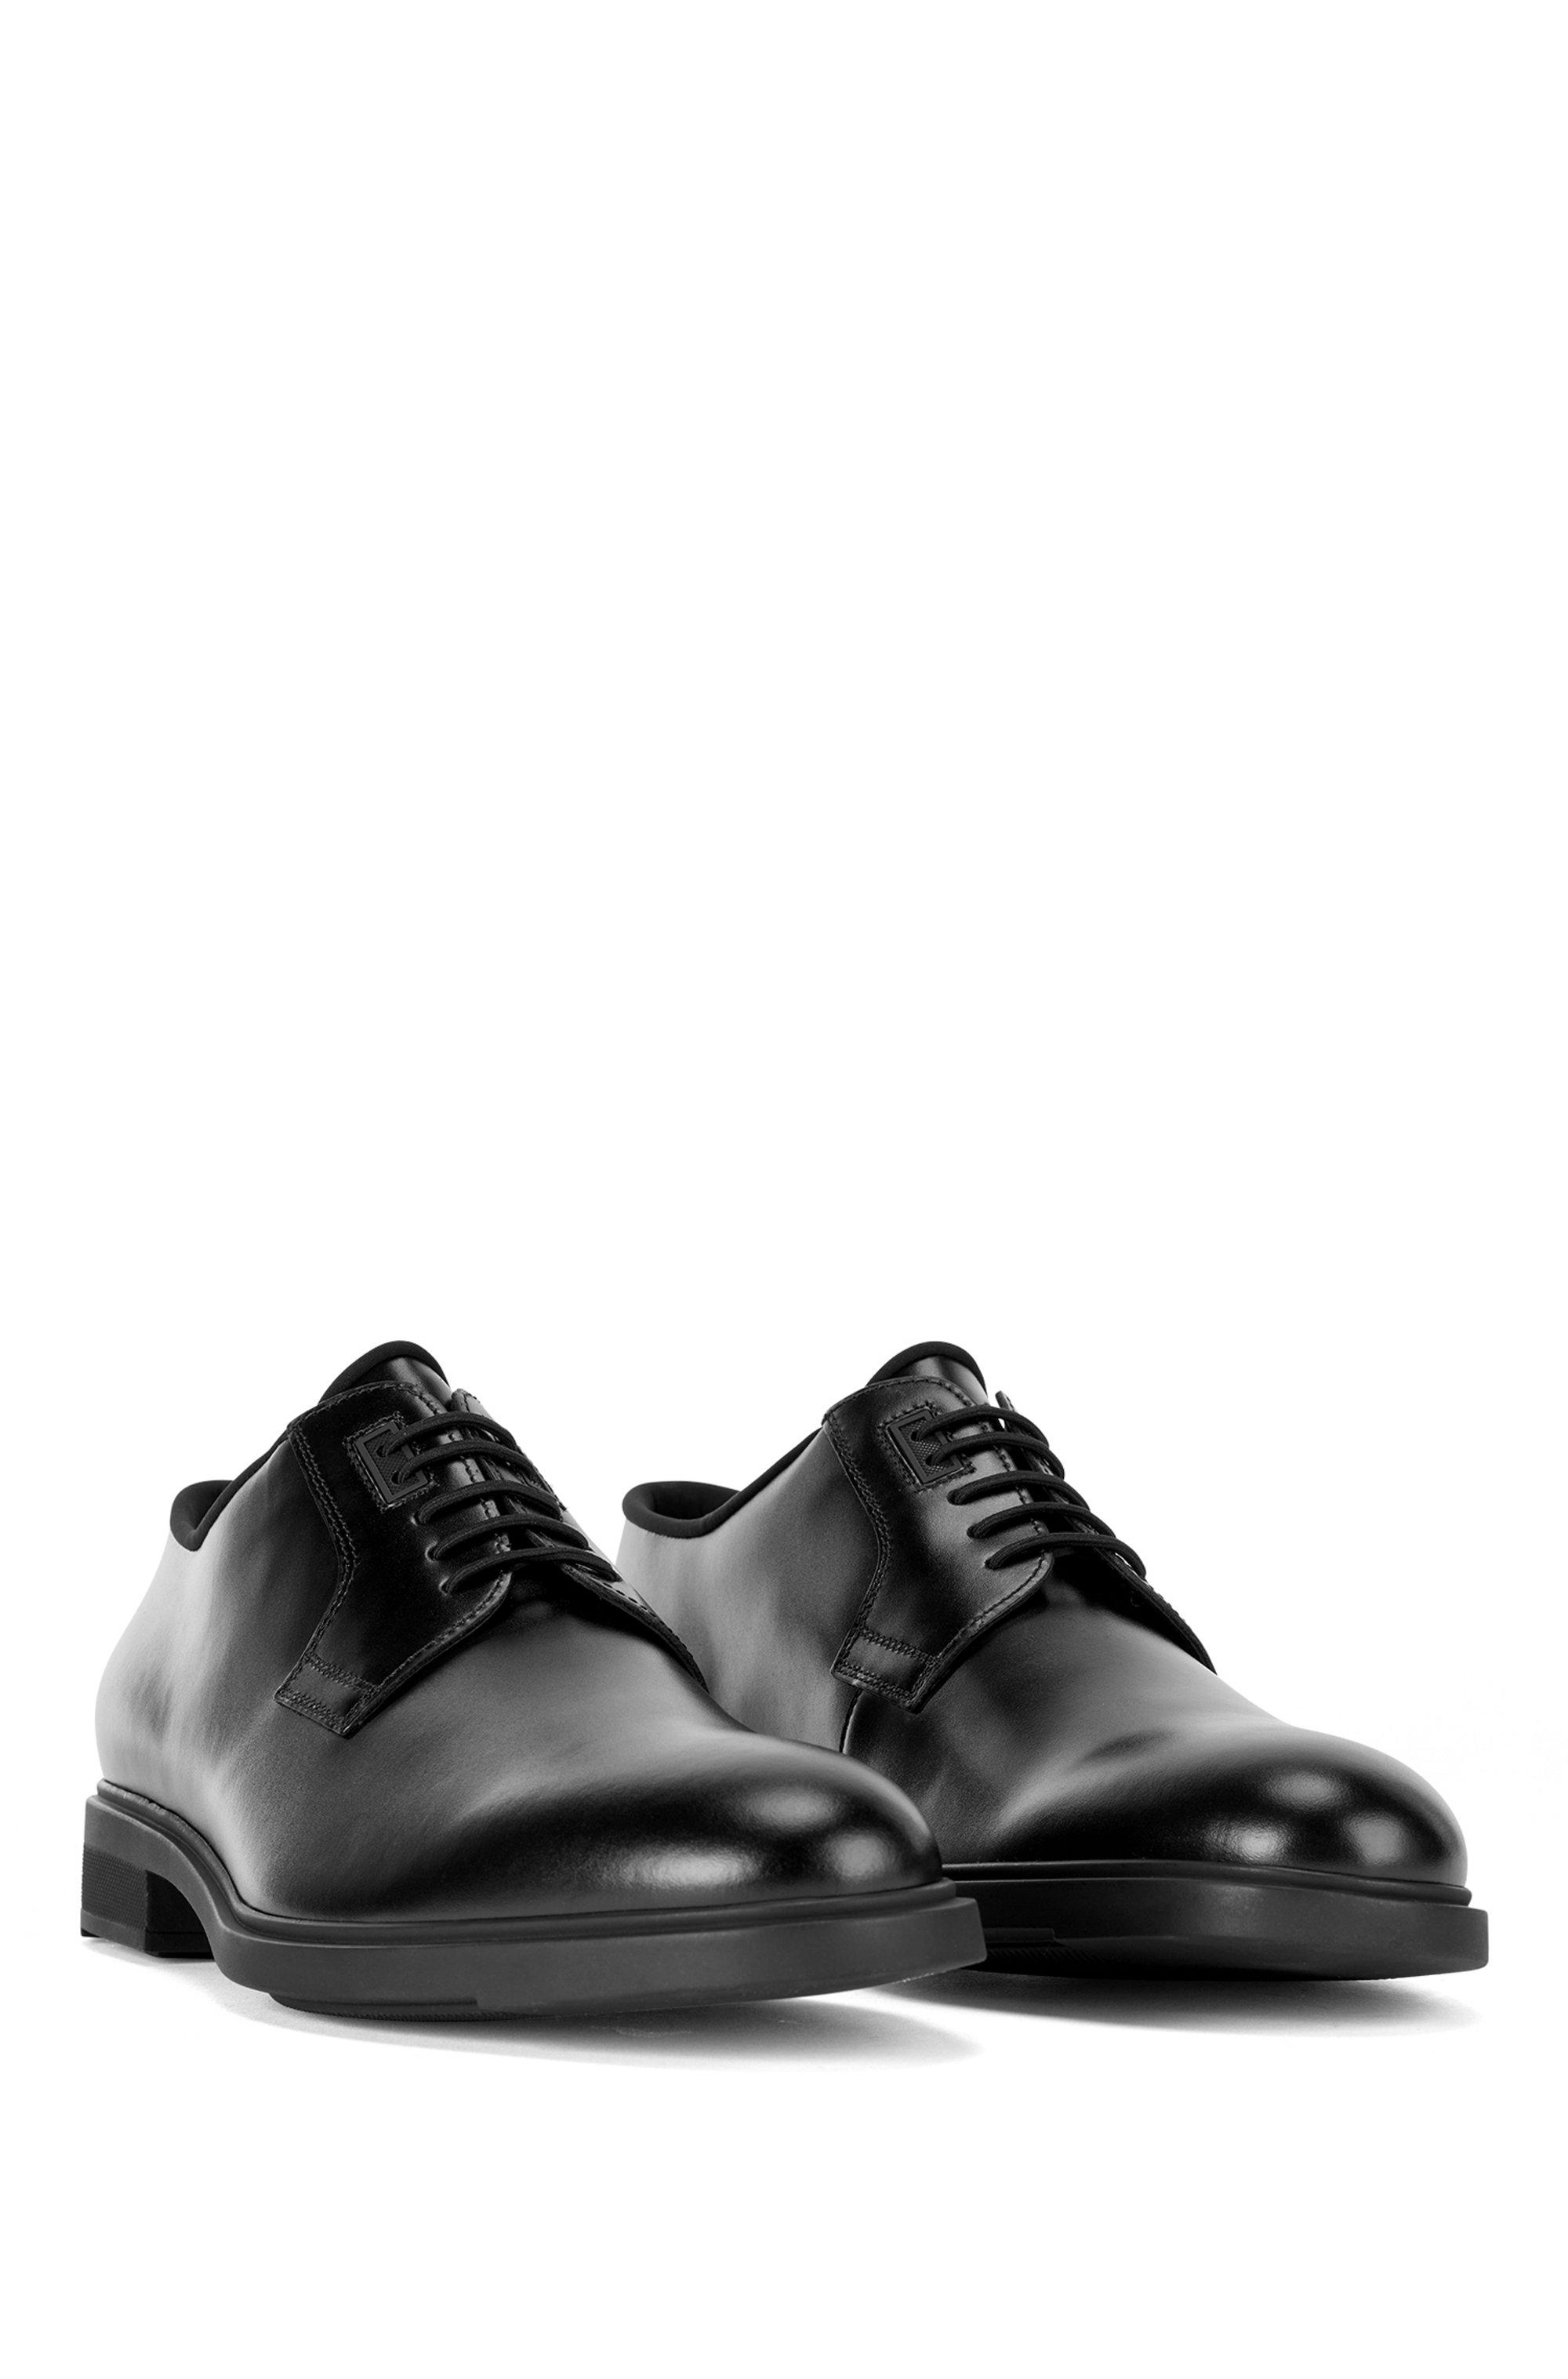 Leren derbyschoenen met Outlast®-voering, van Italiaans fabricaat